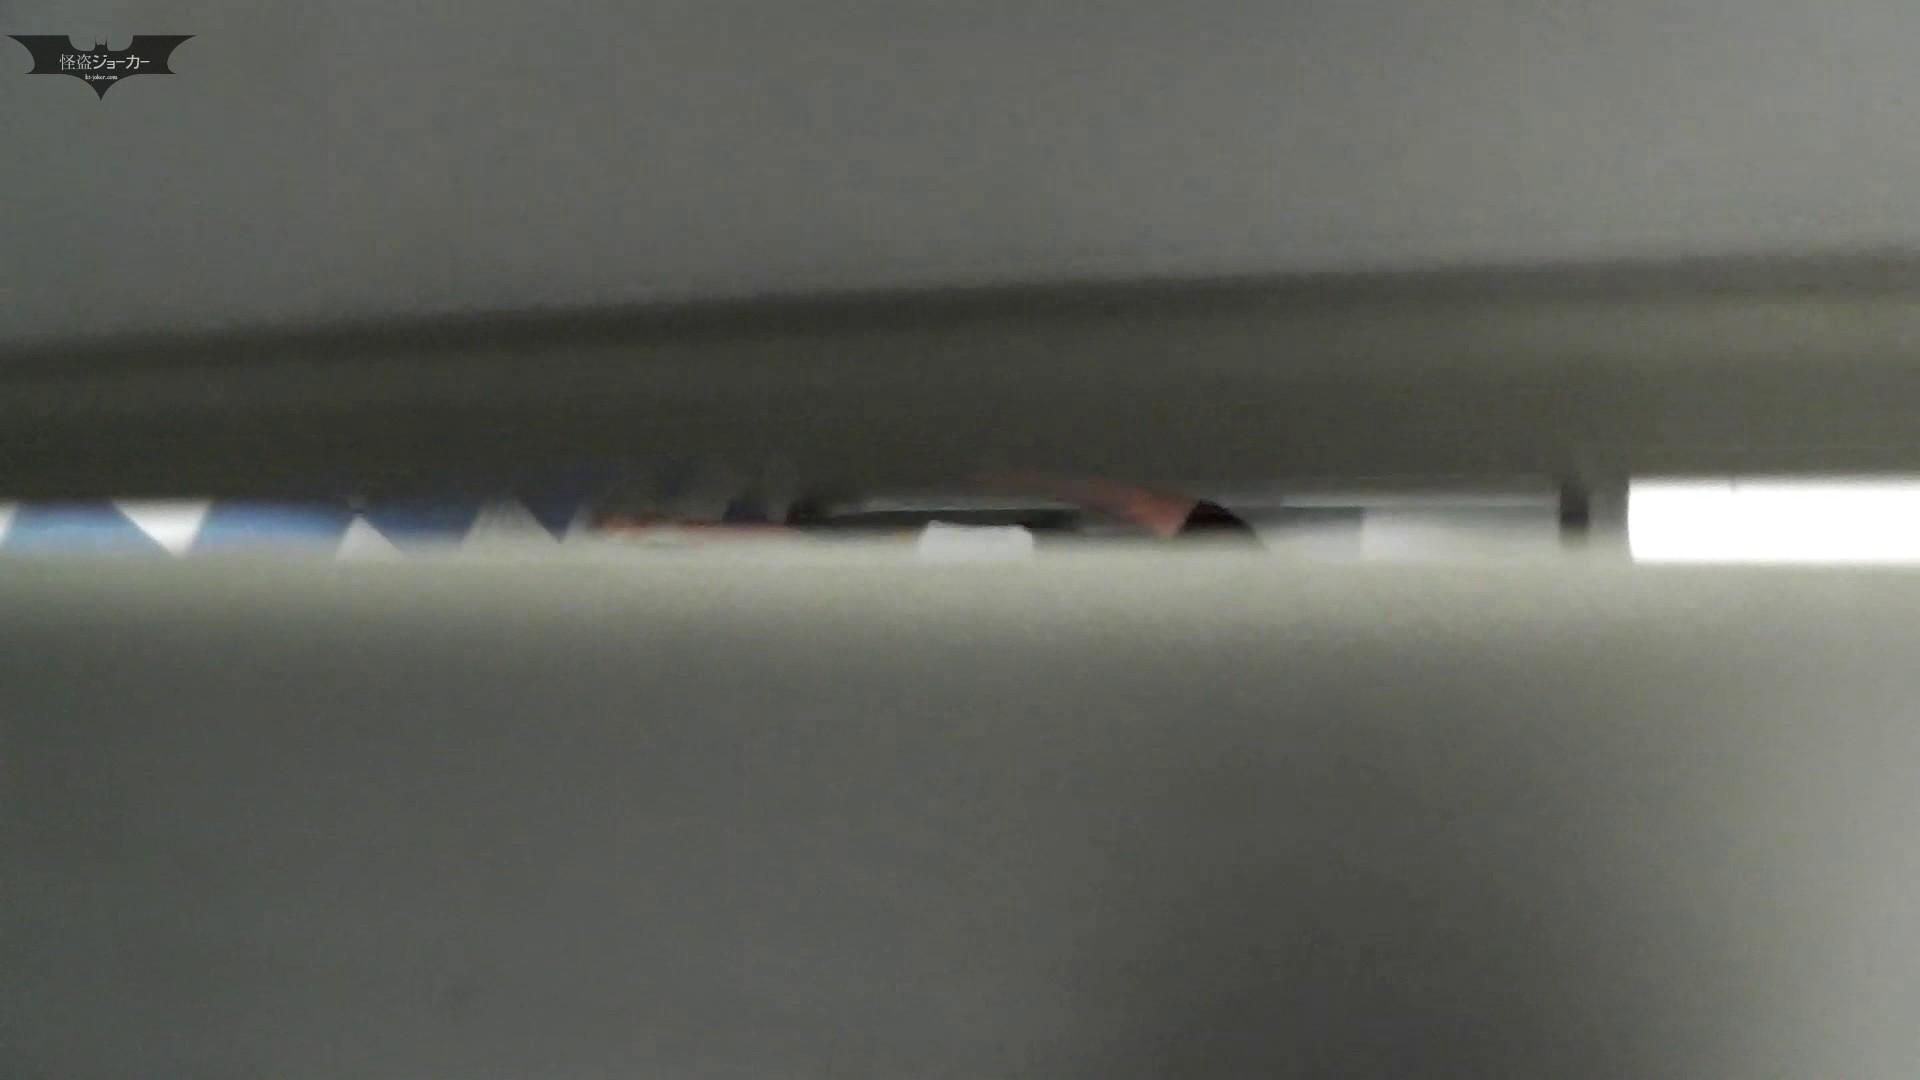 下からノゾム vol.016 きっと見つかるあなたのお好み! OL  102pic 102